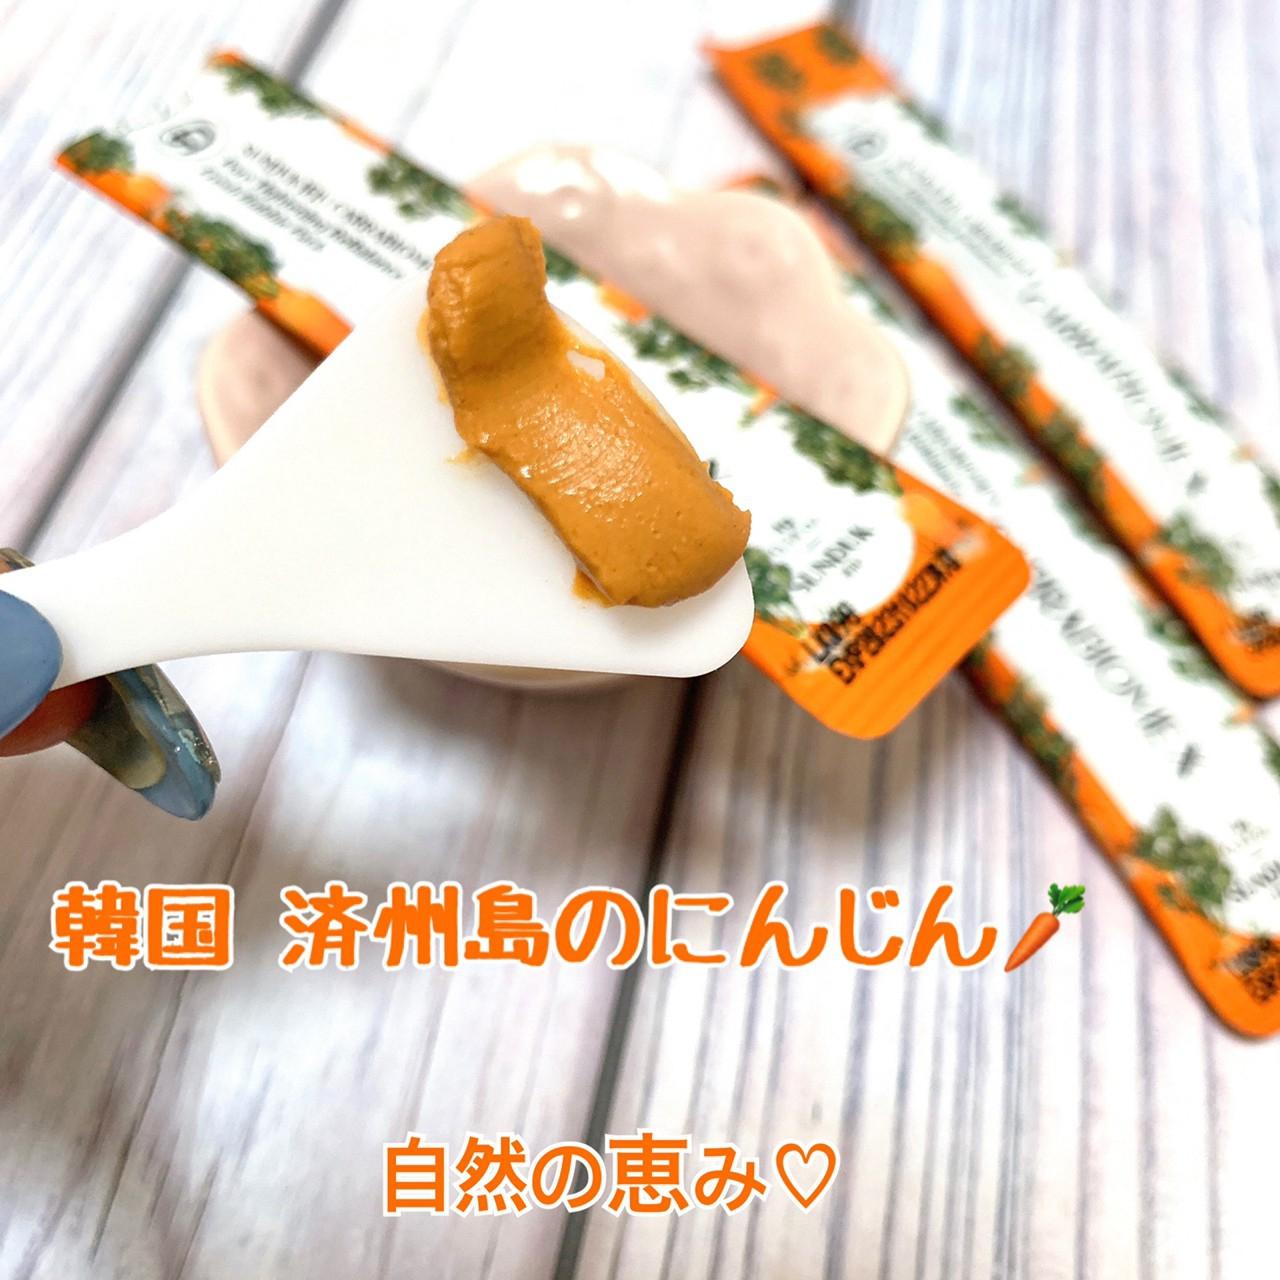 SUNDUK(サンダック) JEJU キャロットバブルパックの良い点・メリットに関するkana_cafe_timeさんの口コミ画像3